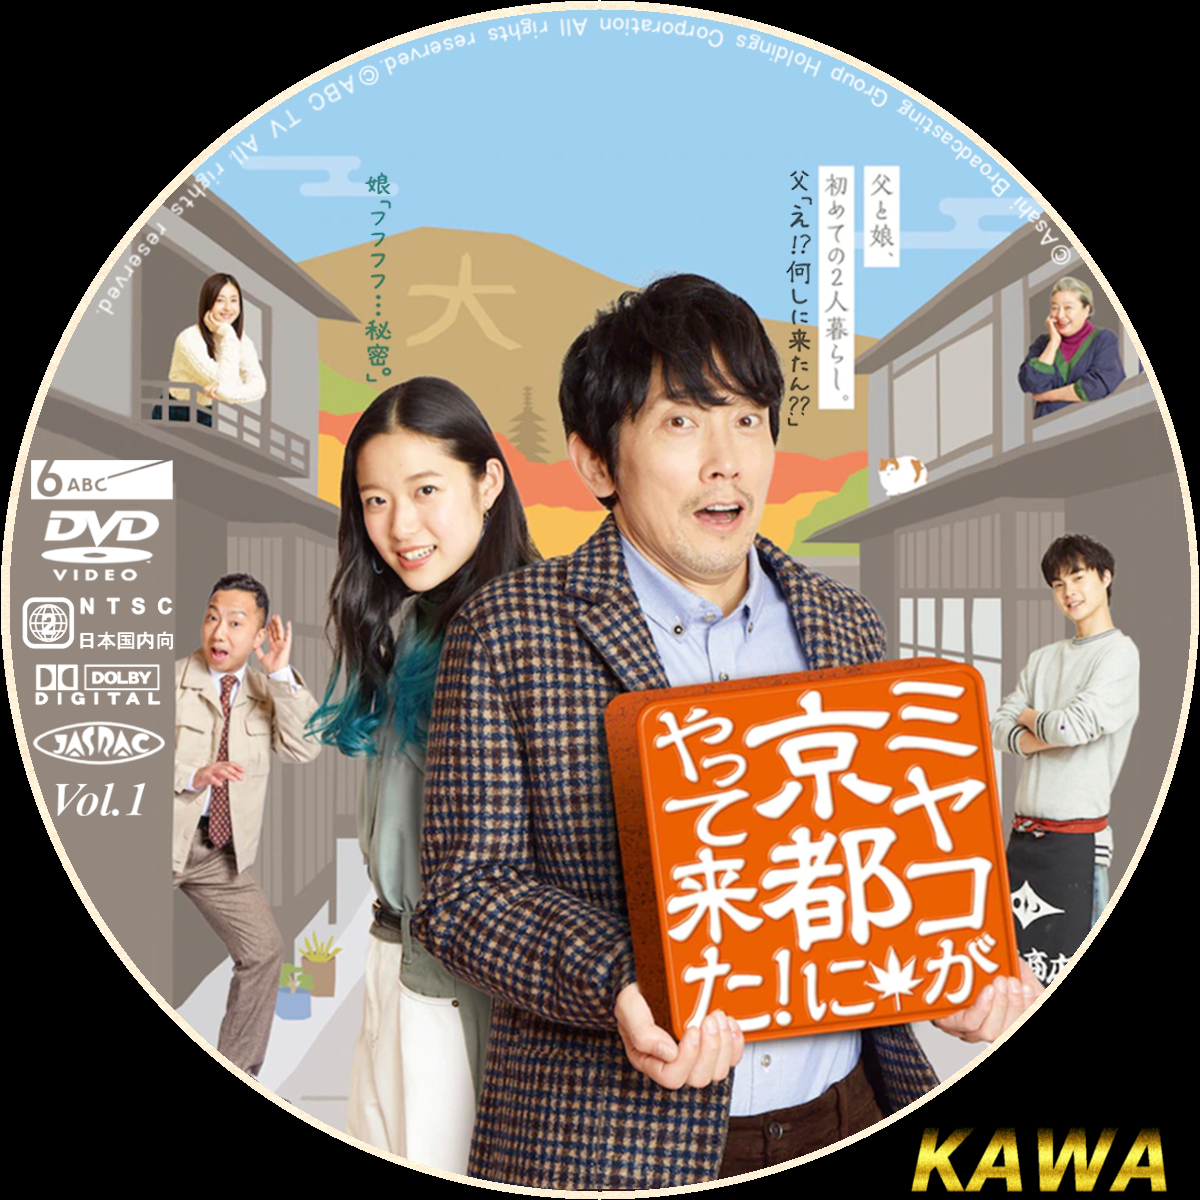 みやこ が 京都 に やって来 た 佐々木蔵之介のドラマ ミヤコが京都にやって来た!登場のお店